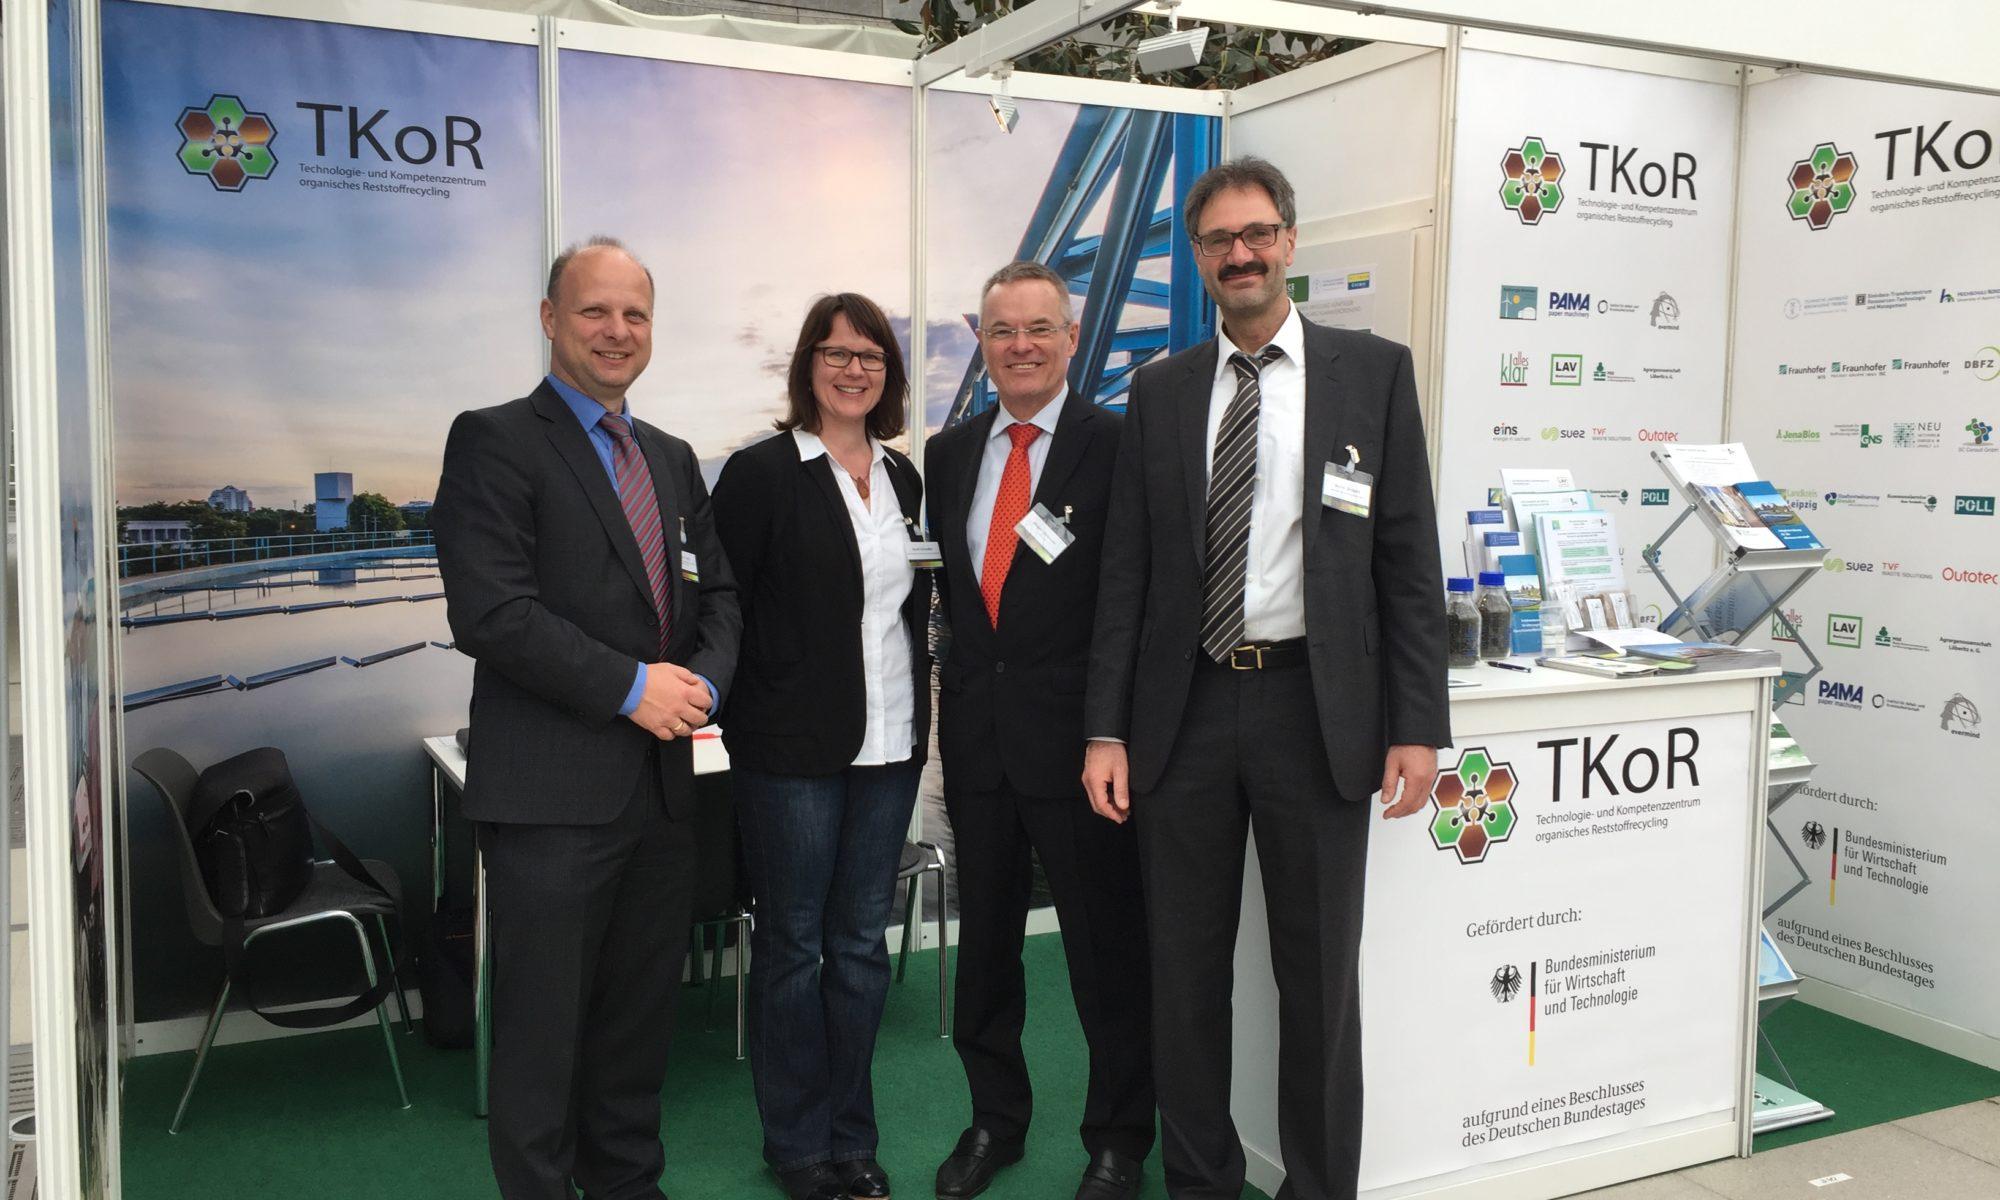 C. Friede (MSE), A. Schindler (LAV), J. Sörensen (SC Consult) und B. Simbach (POLL) - Foto: evermind GmbH/Irina Kleshch